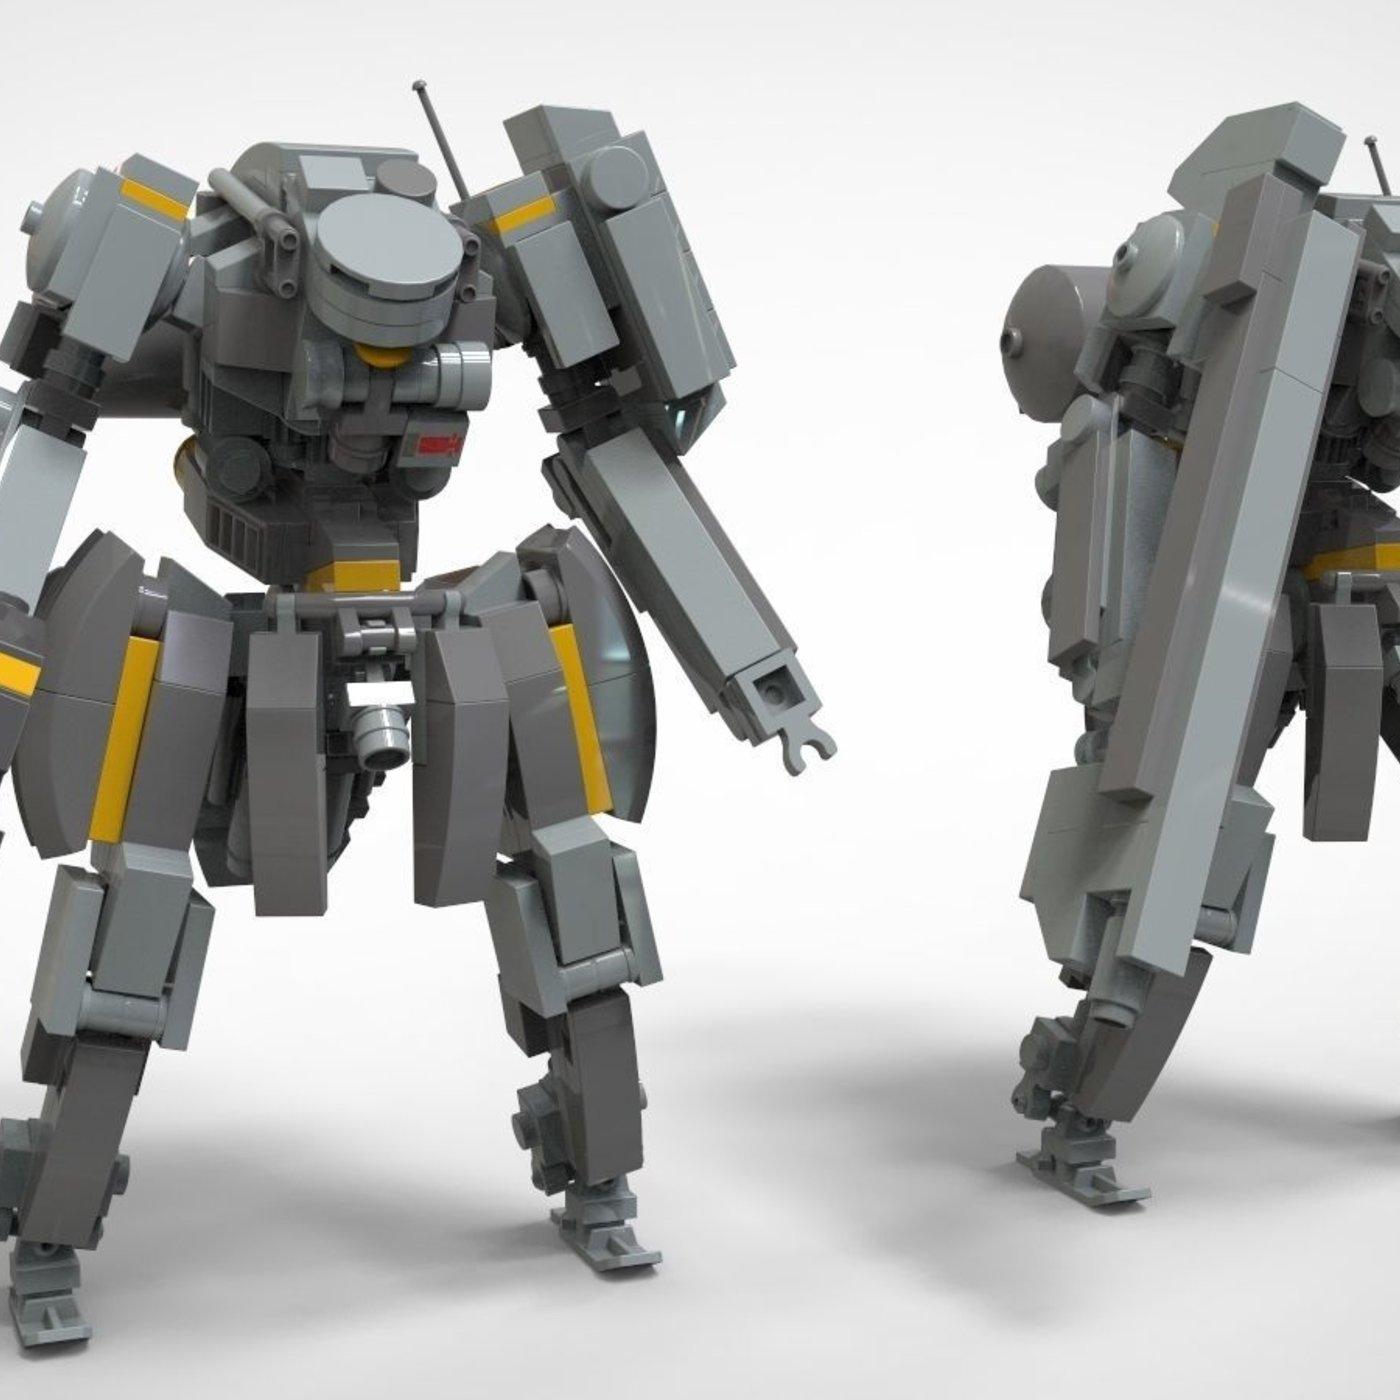 Lego robot LHB-ZT-003 ONTAKE